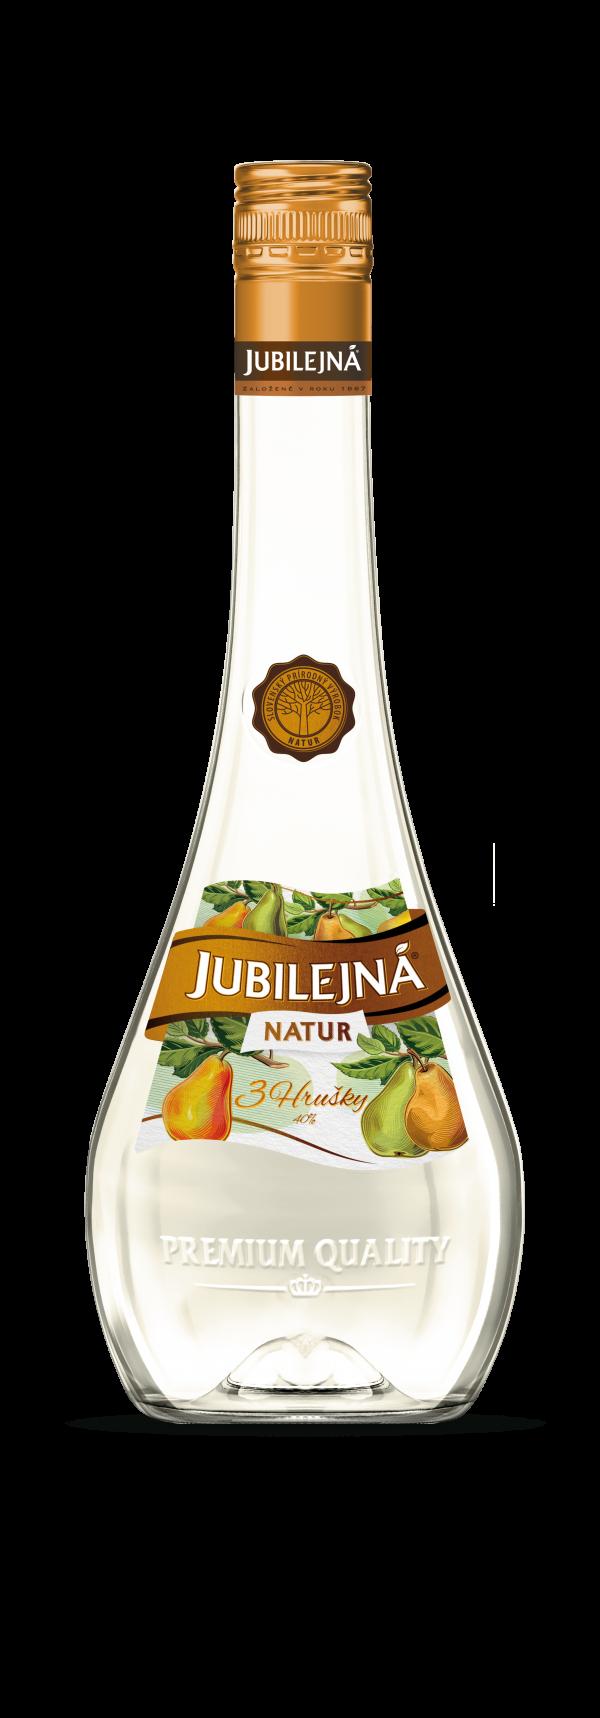 Jubilejná Natur 3 hrušky 40% 0,7 l 1